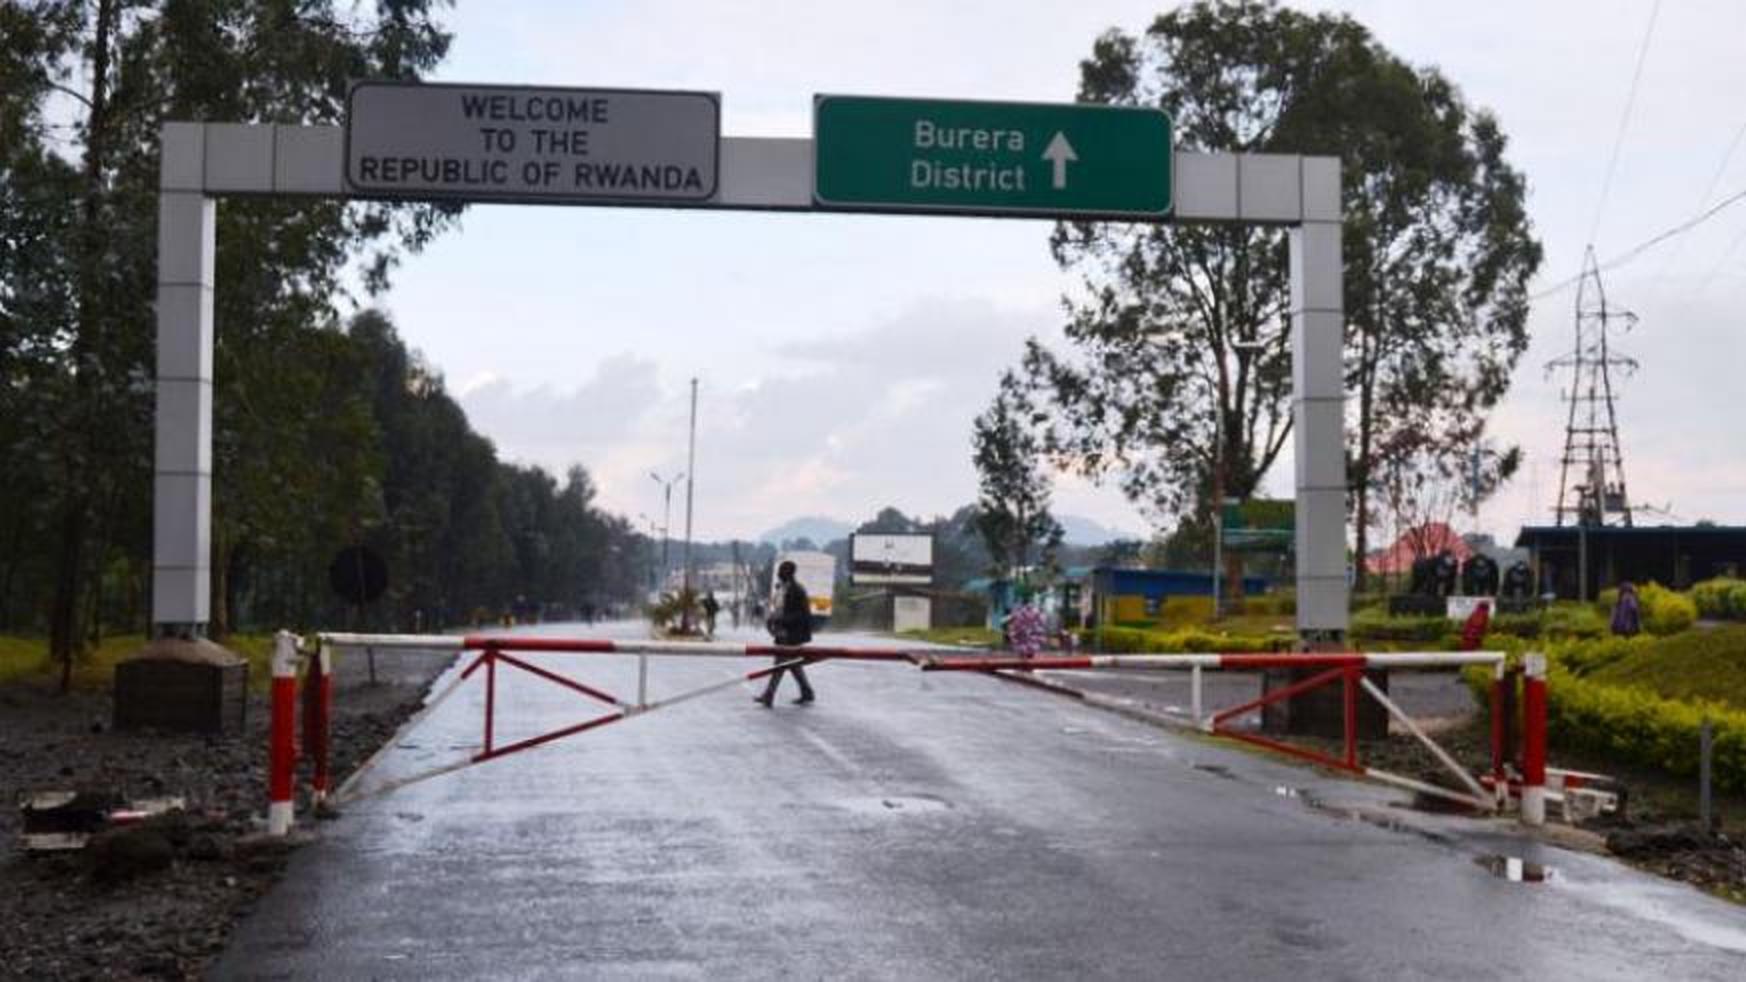 Uganda-Rwanda Border, Kisoro district